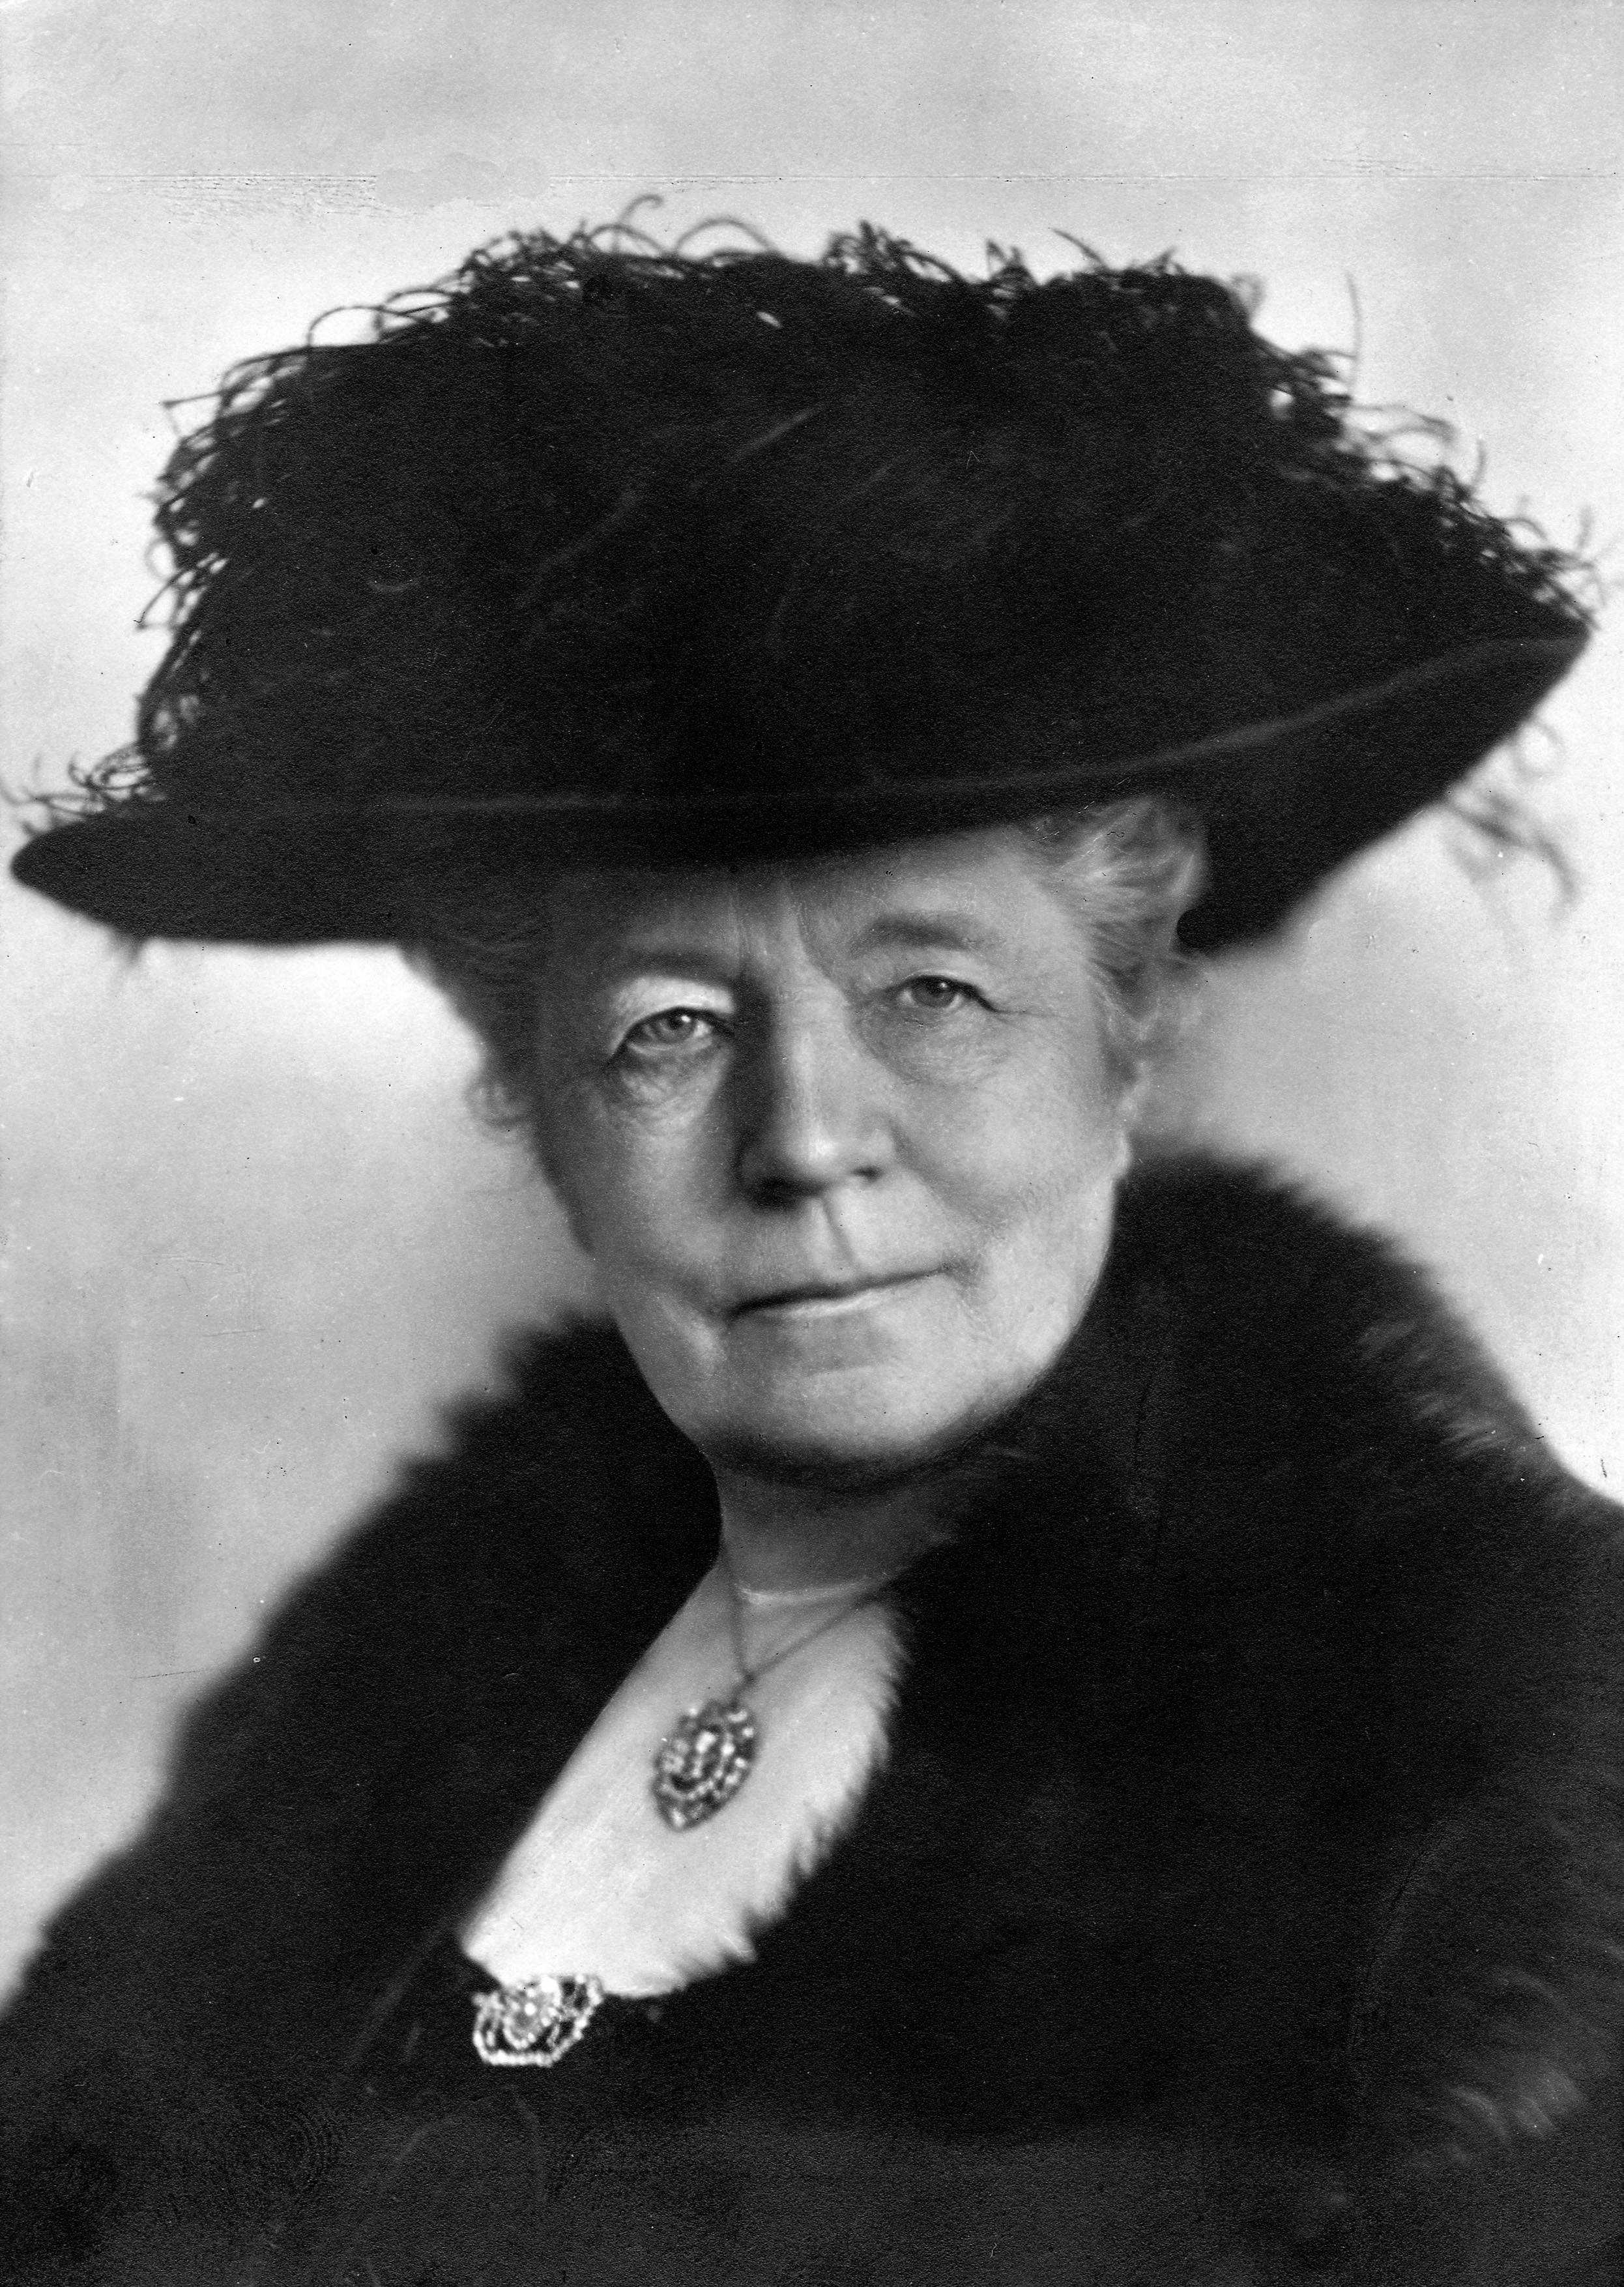 http://upload.wikimedia.org/wikipedia/commons/f/ff/Atelje_Jaeger_-_Selma_Lagerl%C3%B6f_1928.jpeg